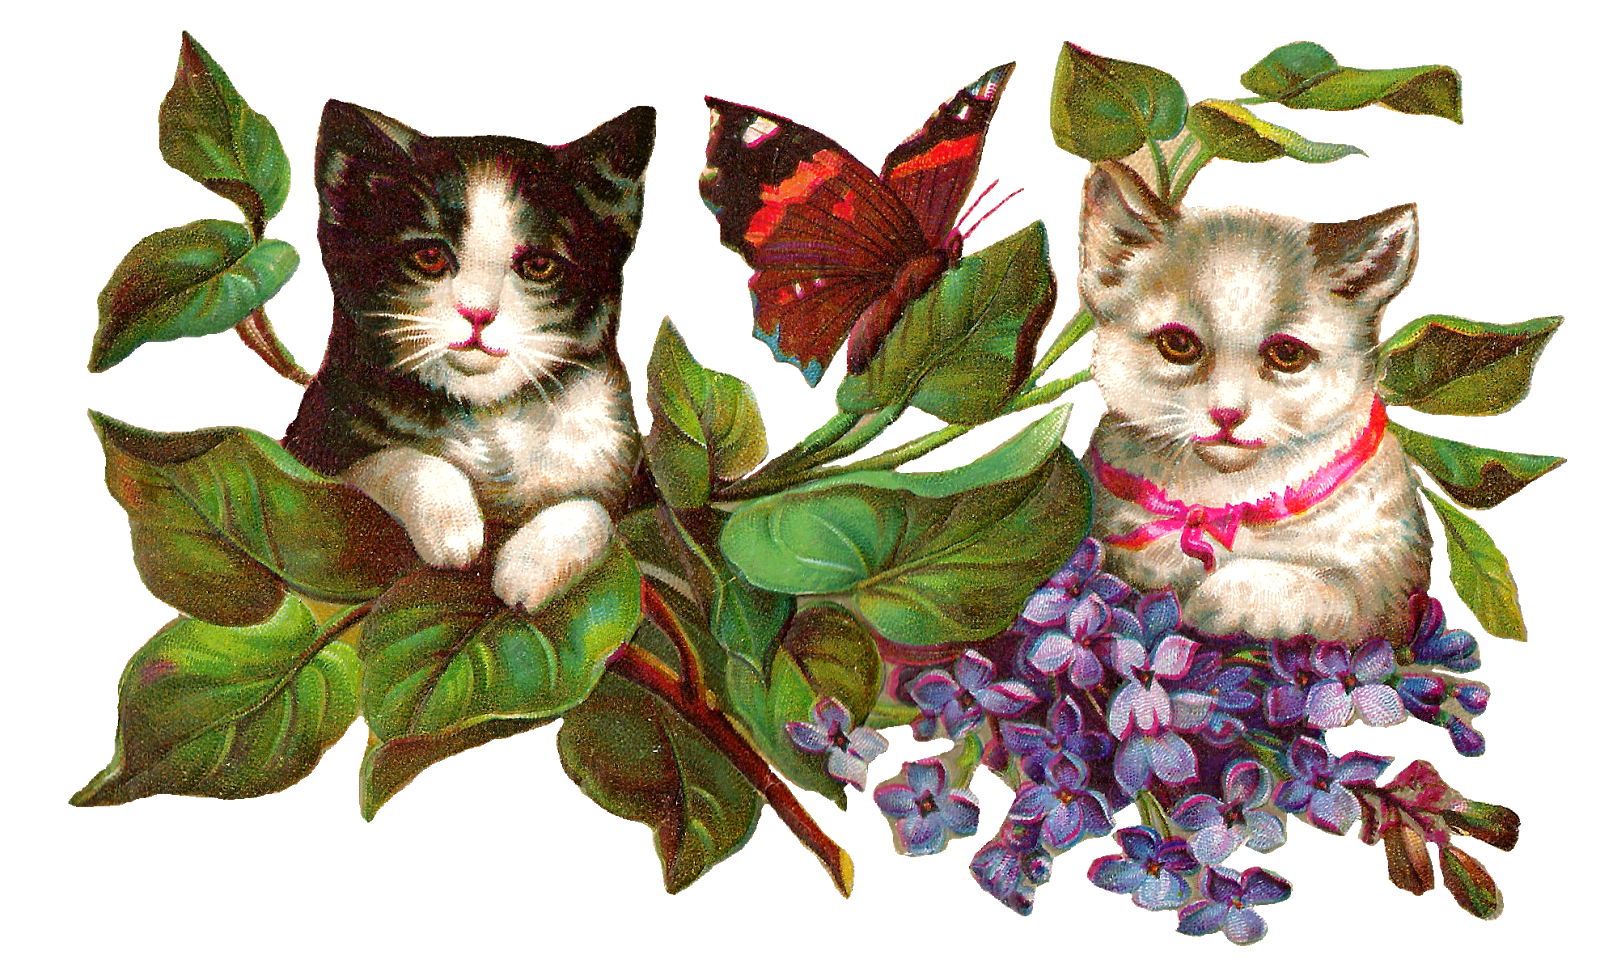 Antique images vintage image. Flowers clipart cat